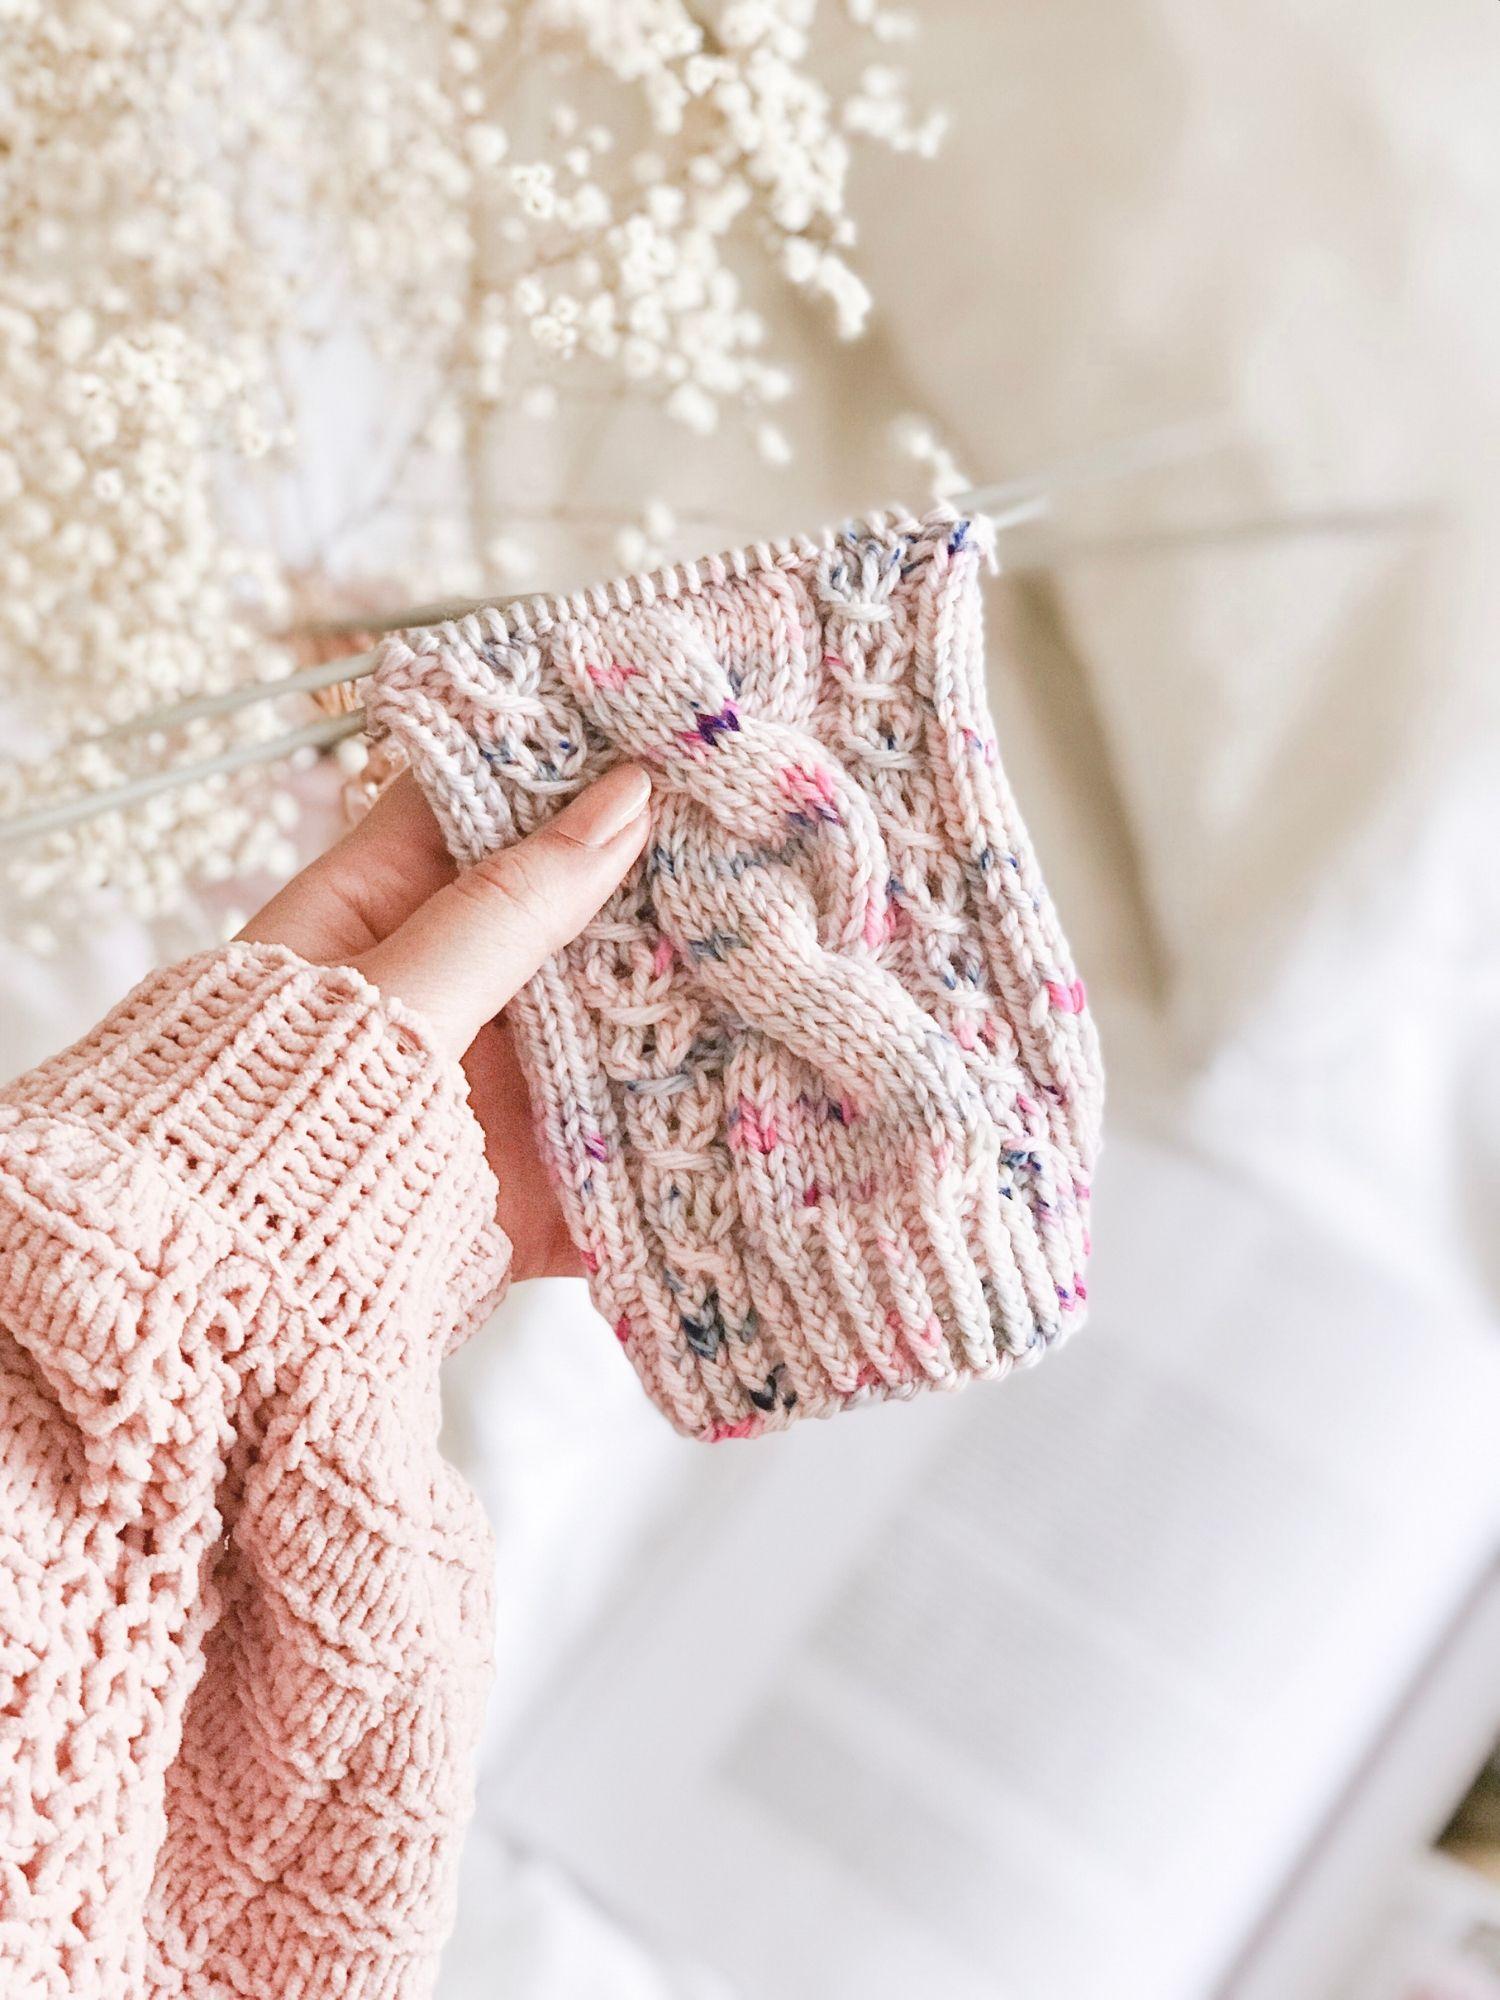 st.john's wort lace stitch